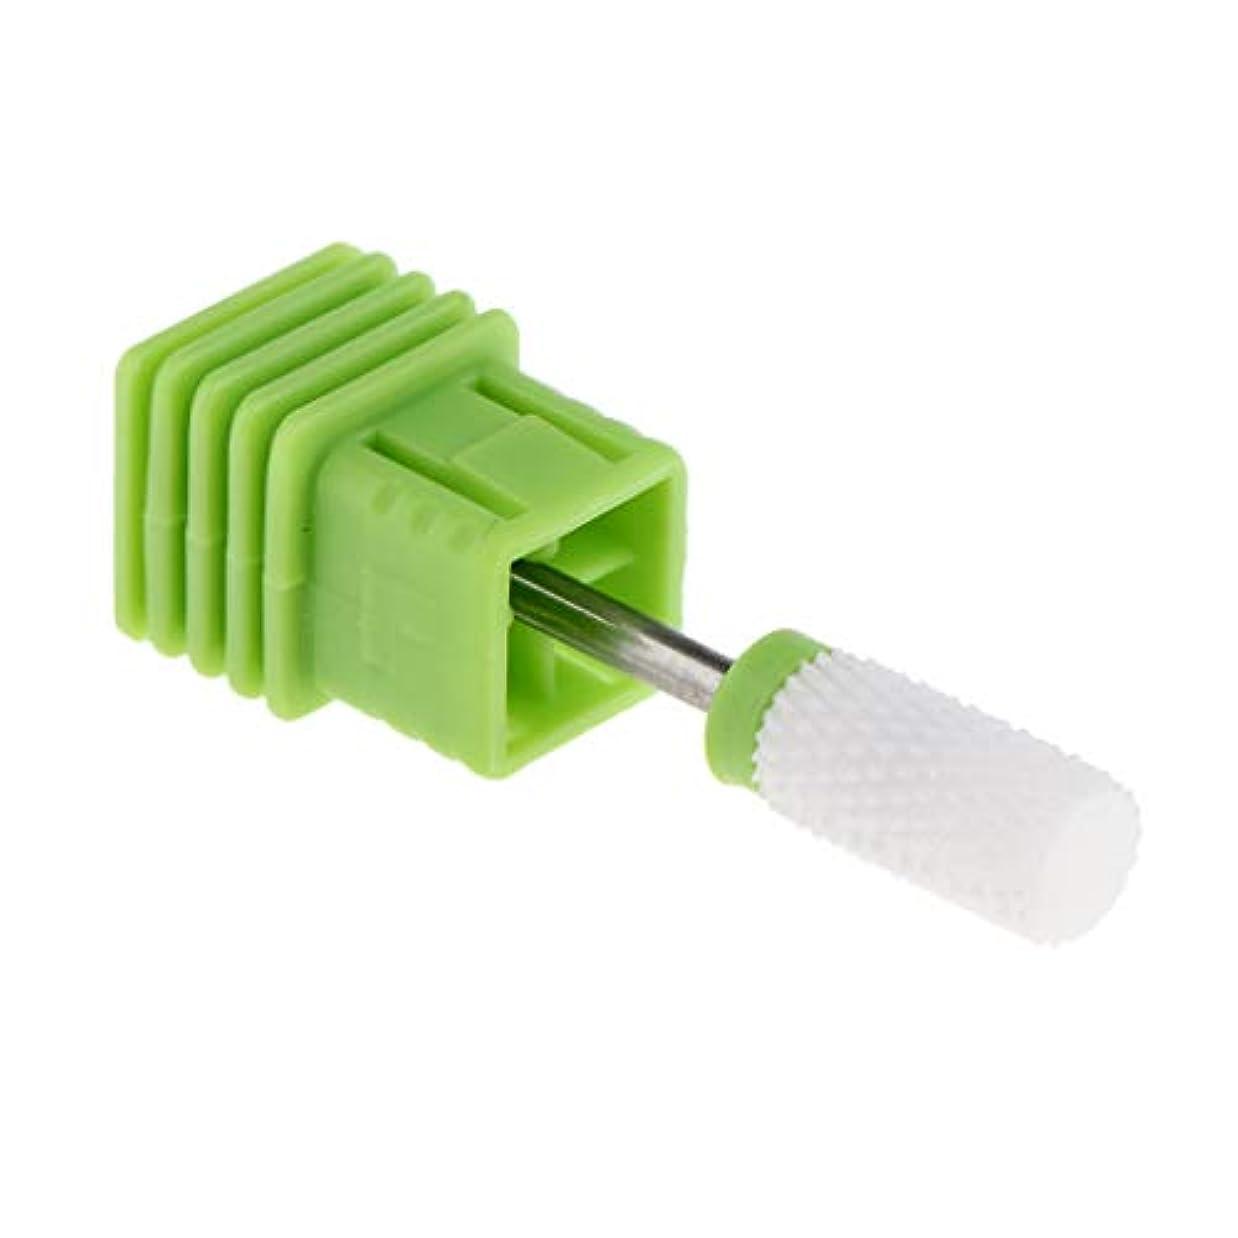 事実言い聞かせる変形Injoyo セラミックネイルドリルビット、電気ジェルネイルサロンマニキュアツールの場合は、研磨ヘッドネイルアートツールを削除するキューティクルクリーン - C